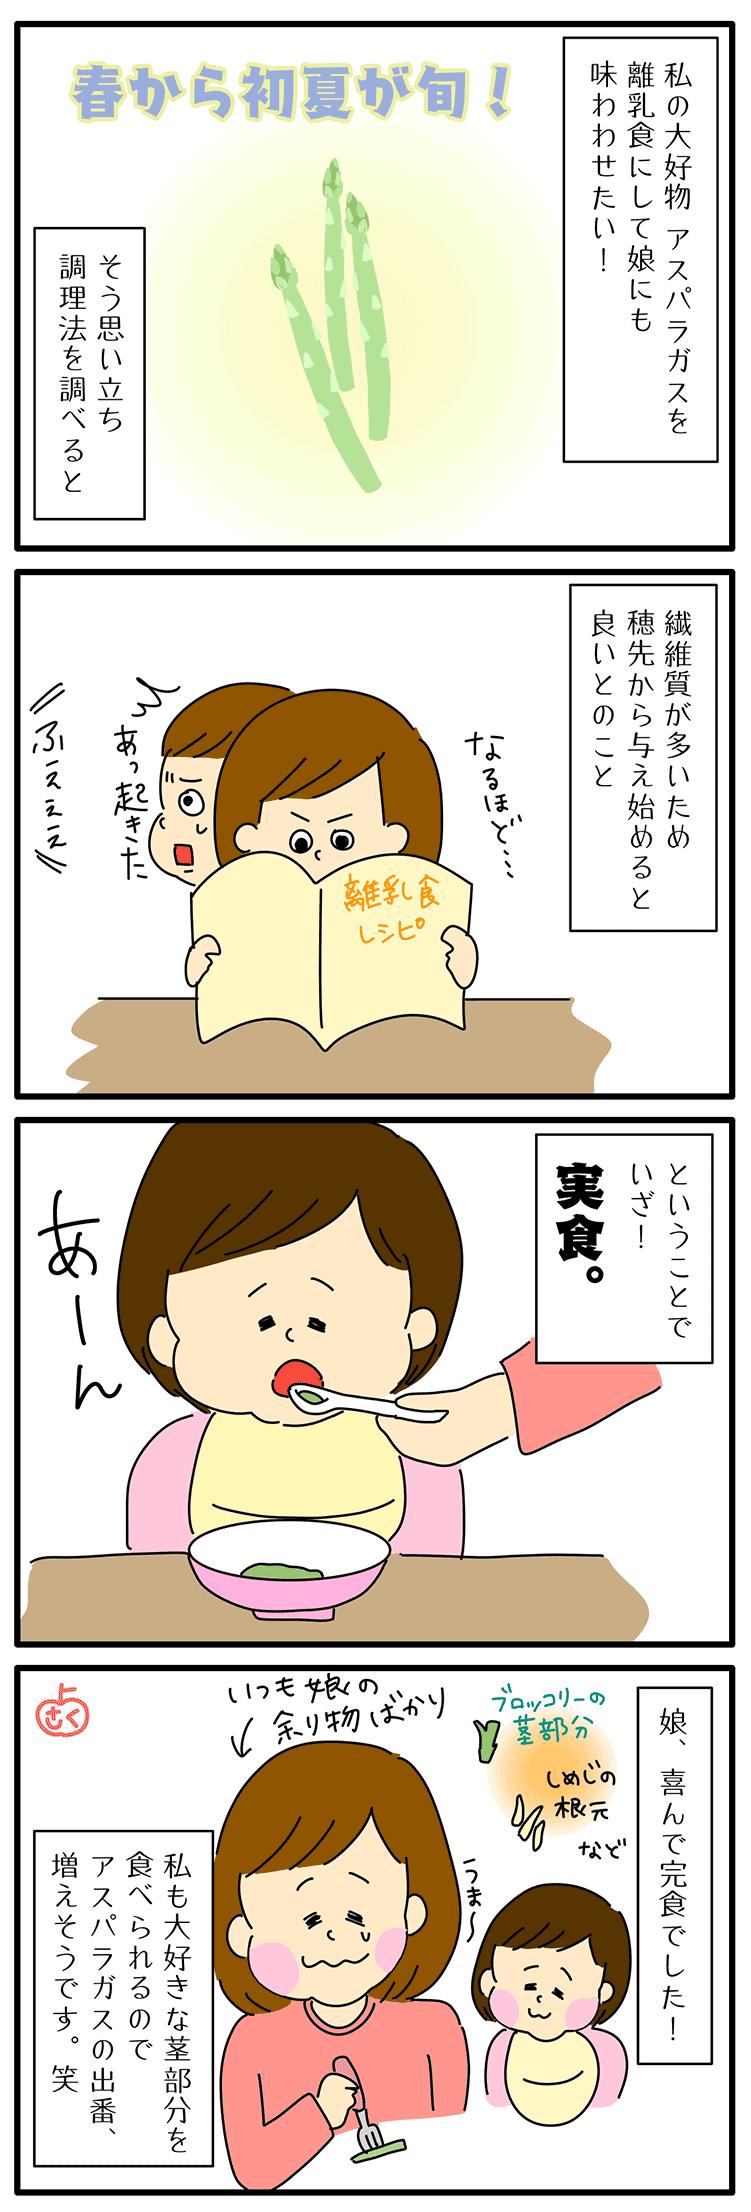 アスパラガスの離乳食の永岡さくら(saku)さんの子育て4コマ漫画